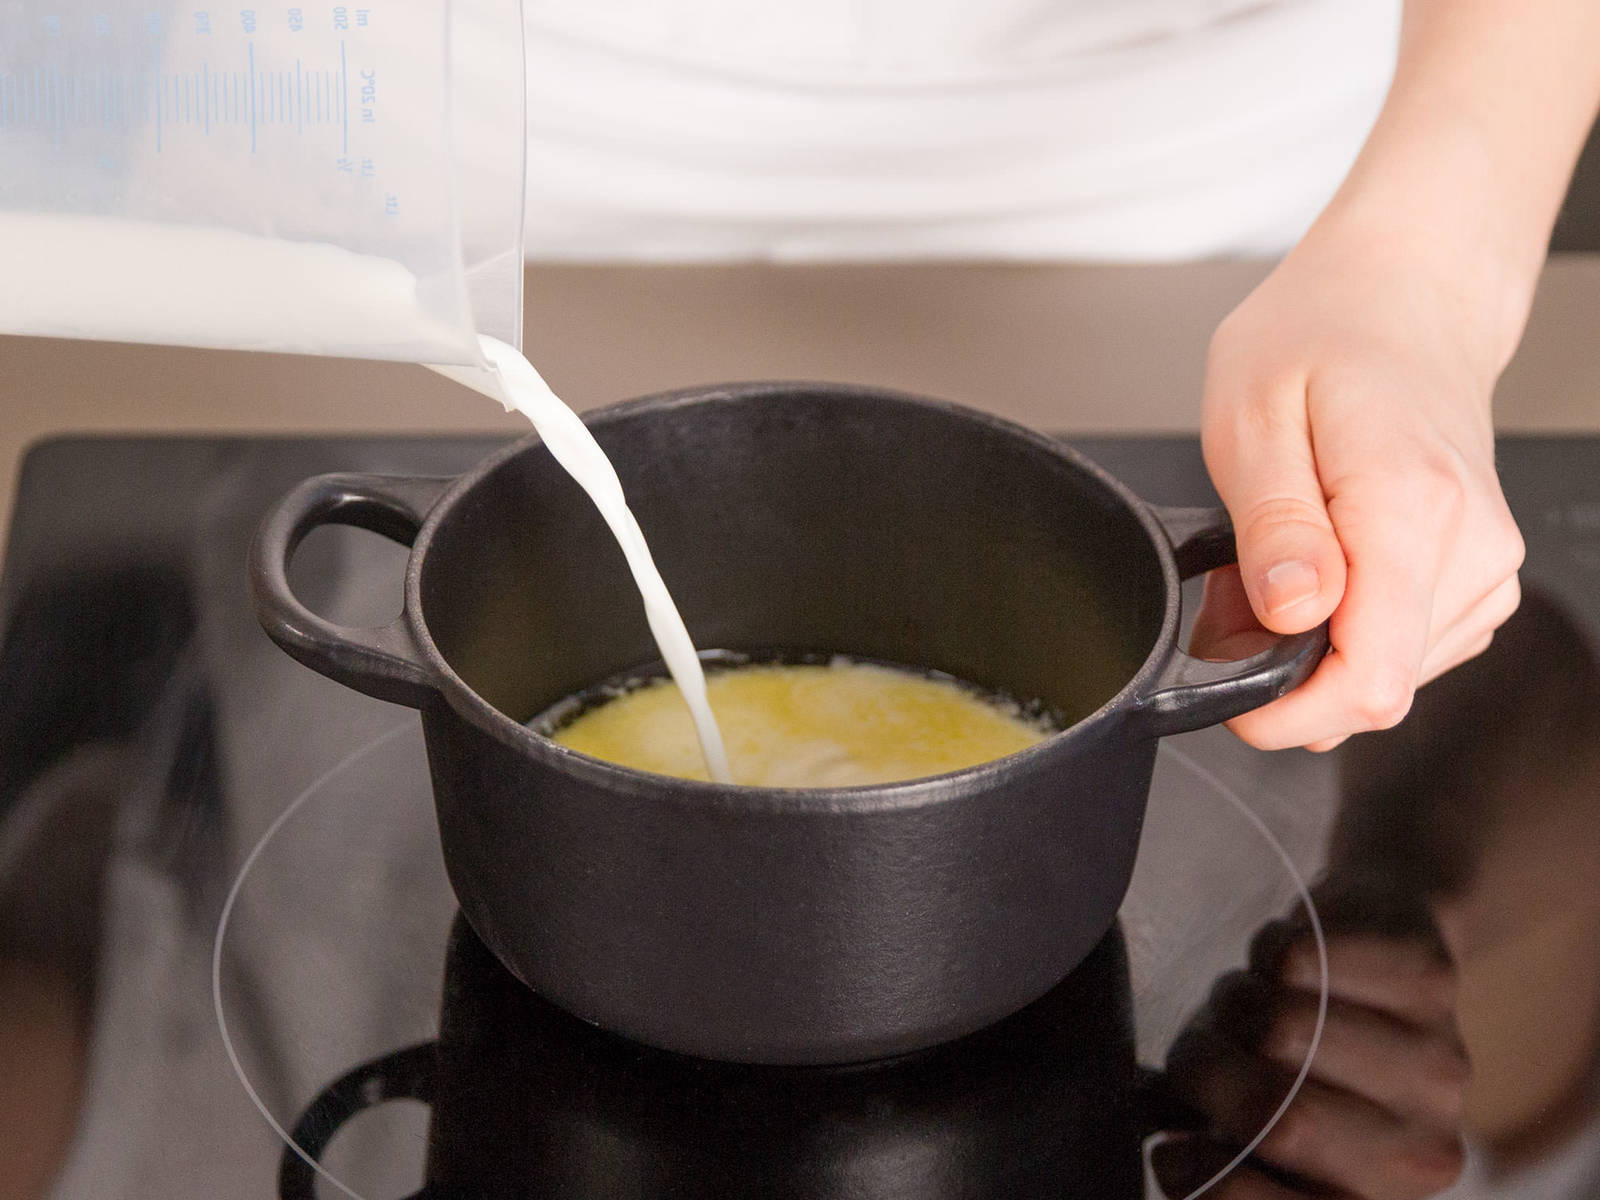 在小平底锅中,用中低火加热黄油和牛奶。